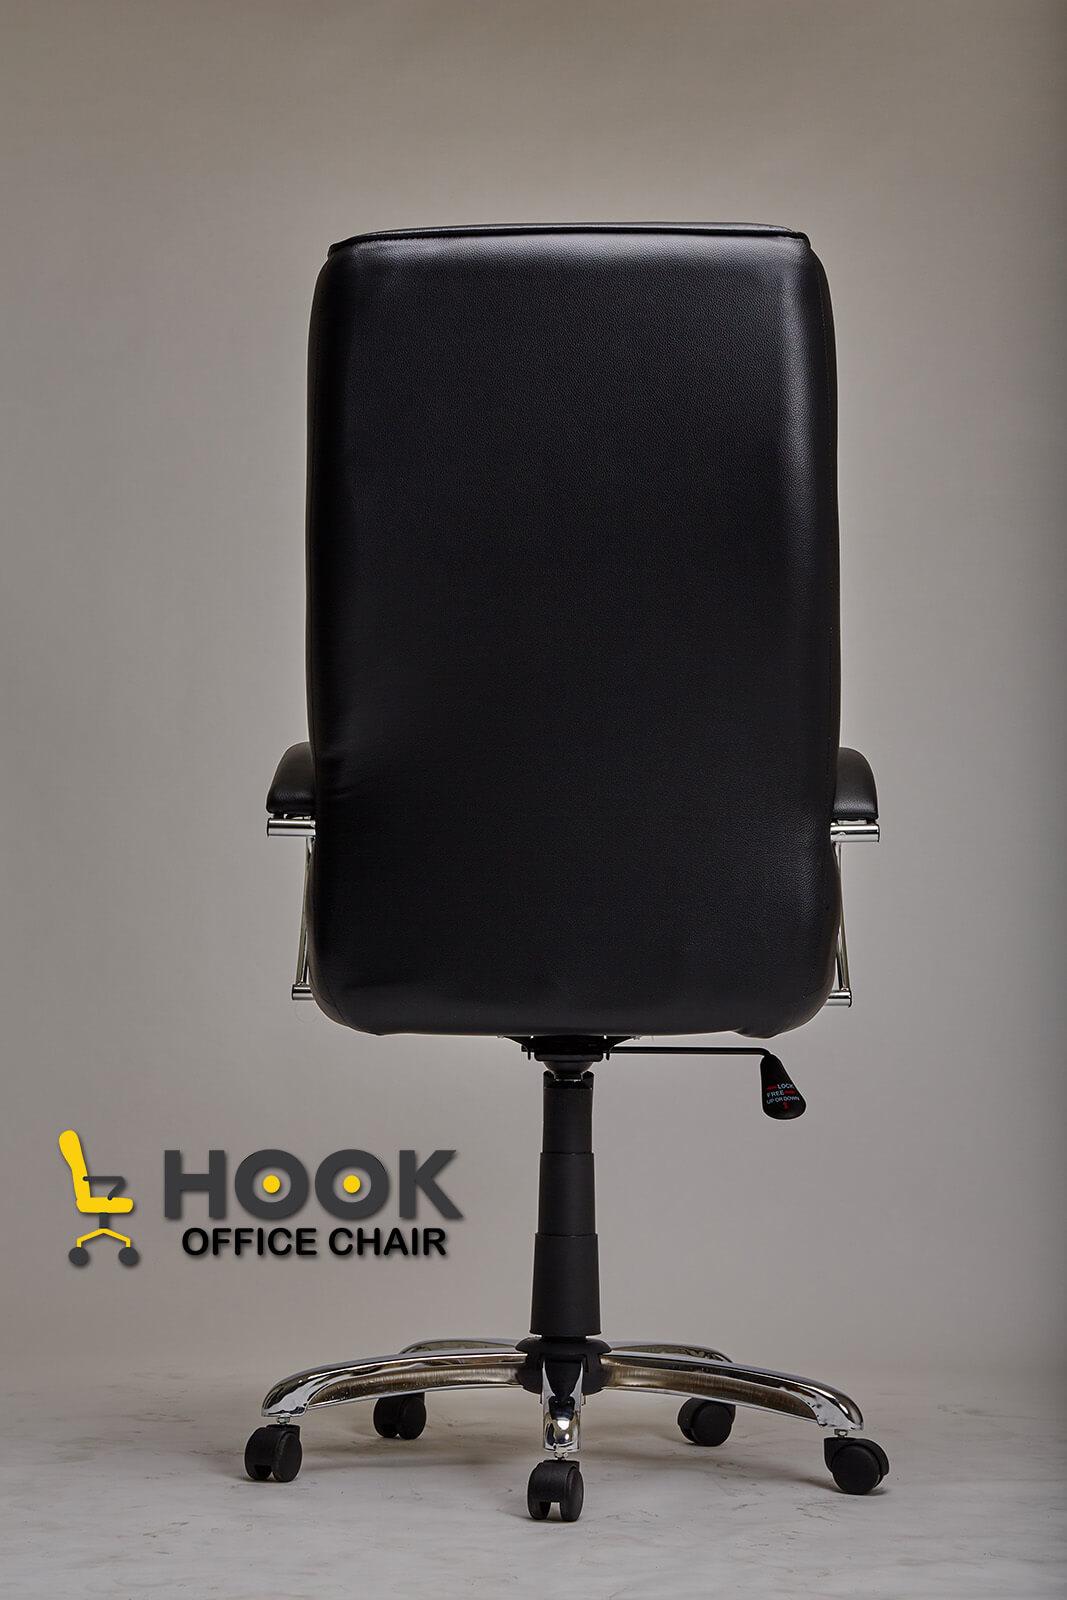 เก้าอี้ผู้บริหาร เก้าอี้สำนักงาน รุ่น H05-004